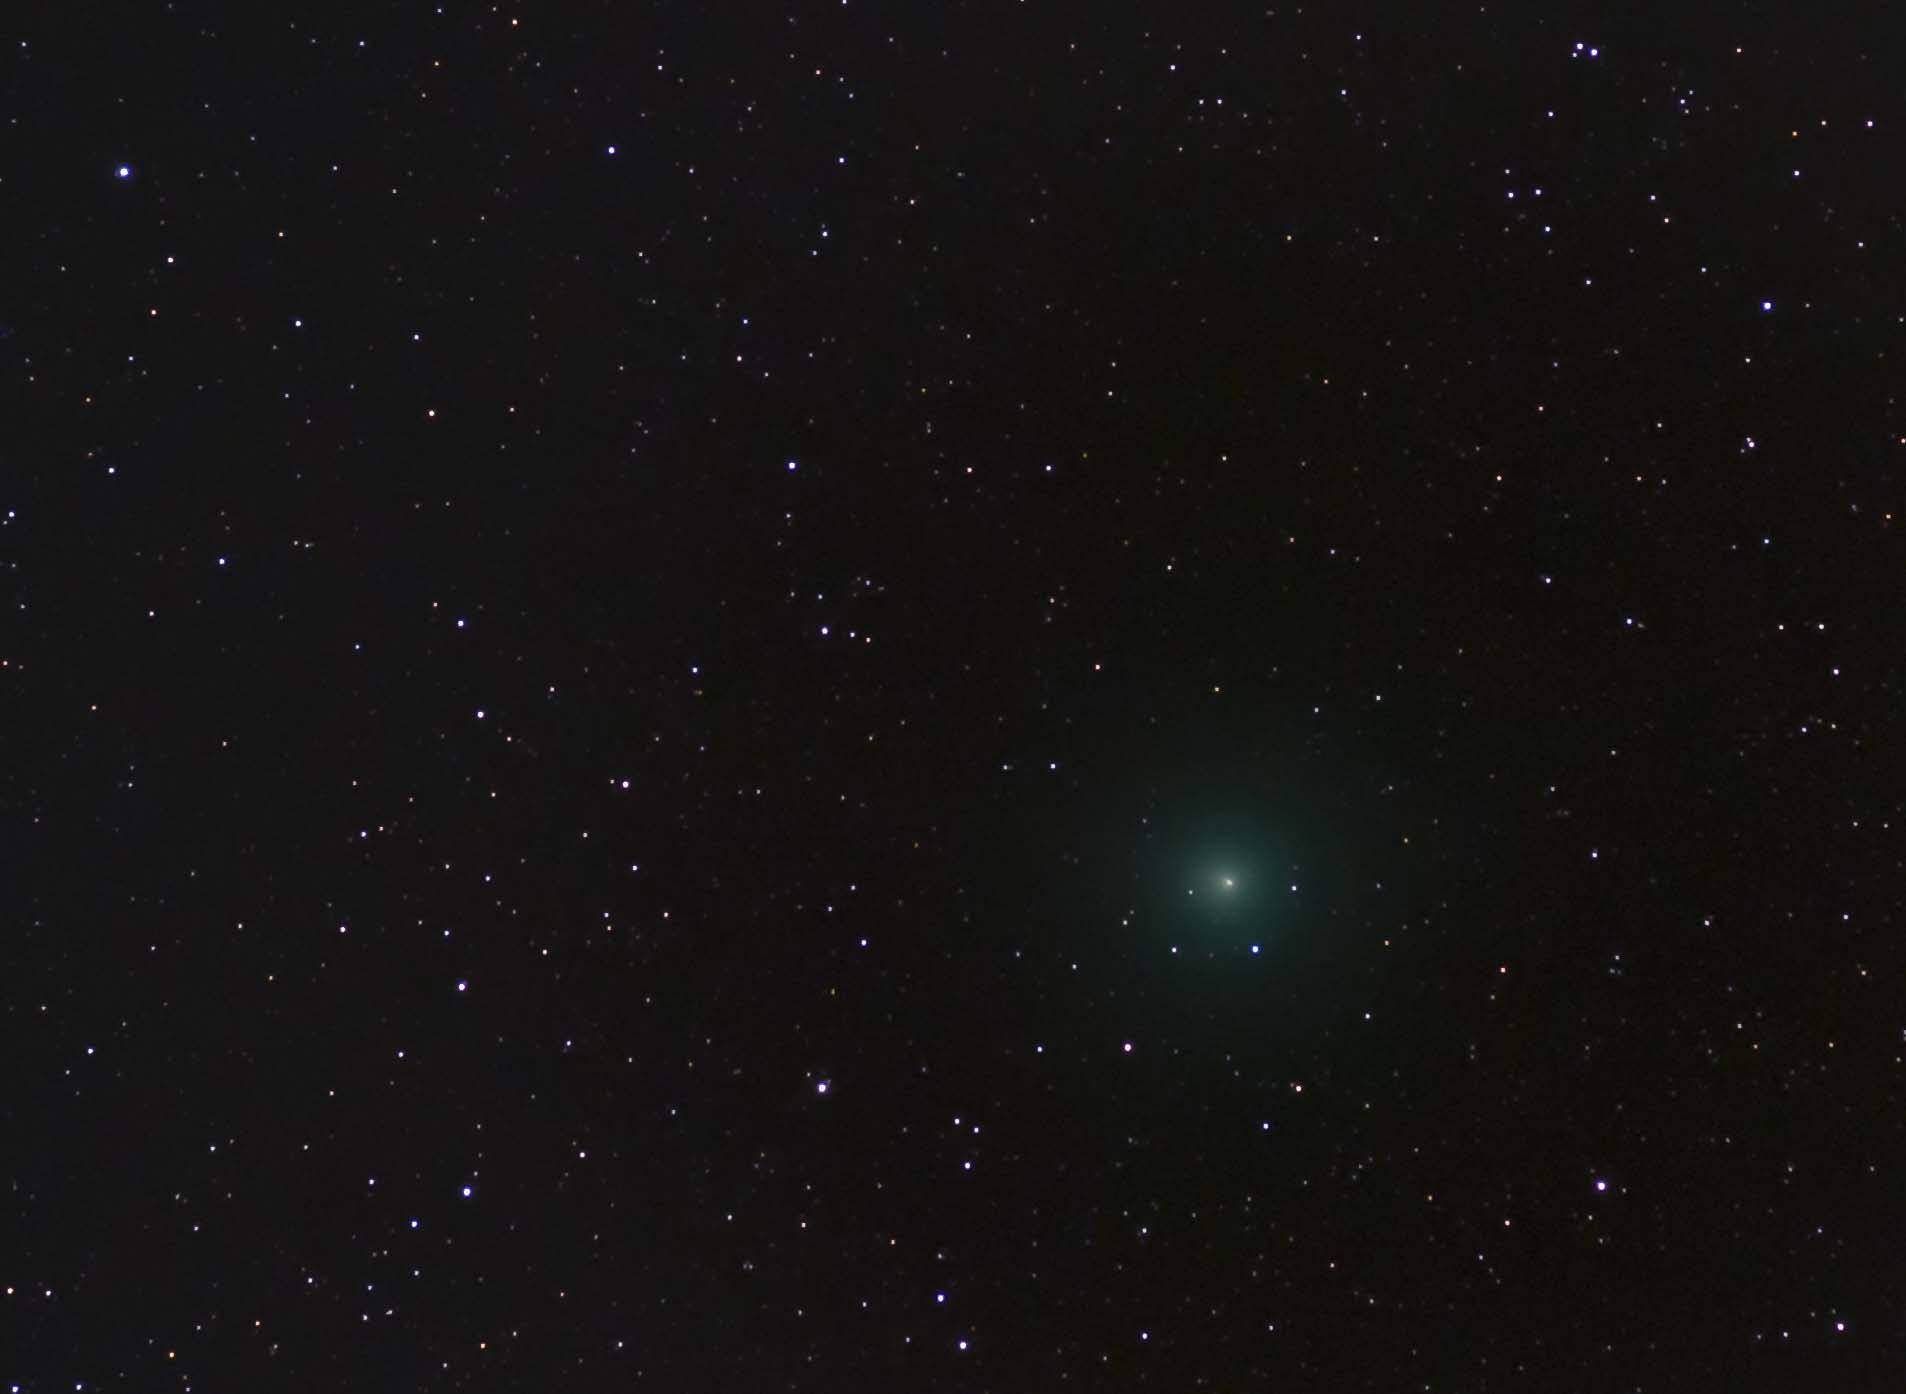 Comet Wirtanen, December 17, 2018